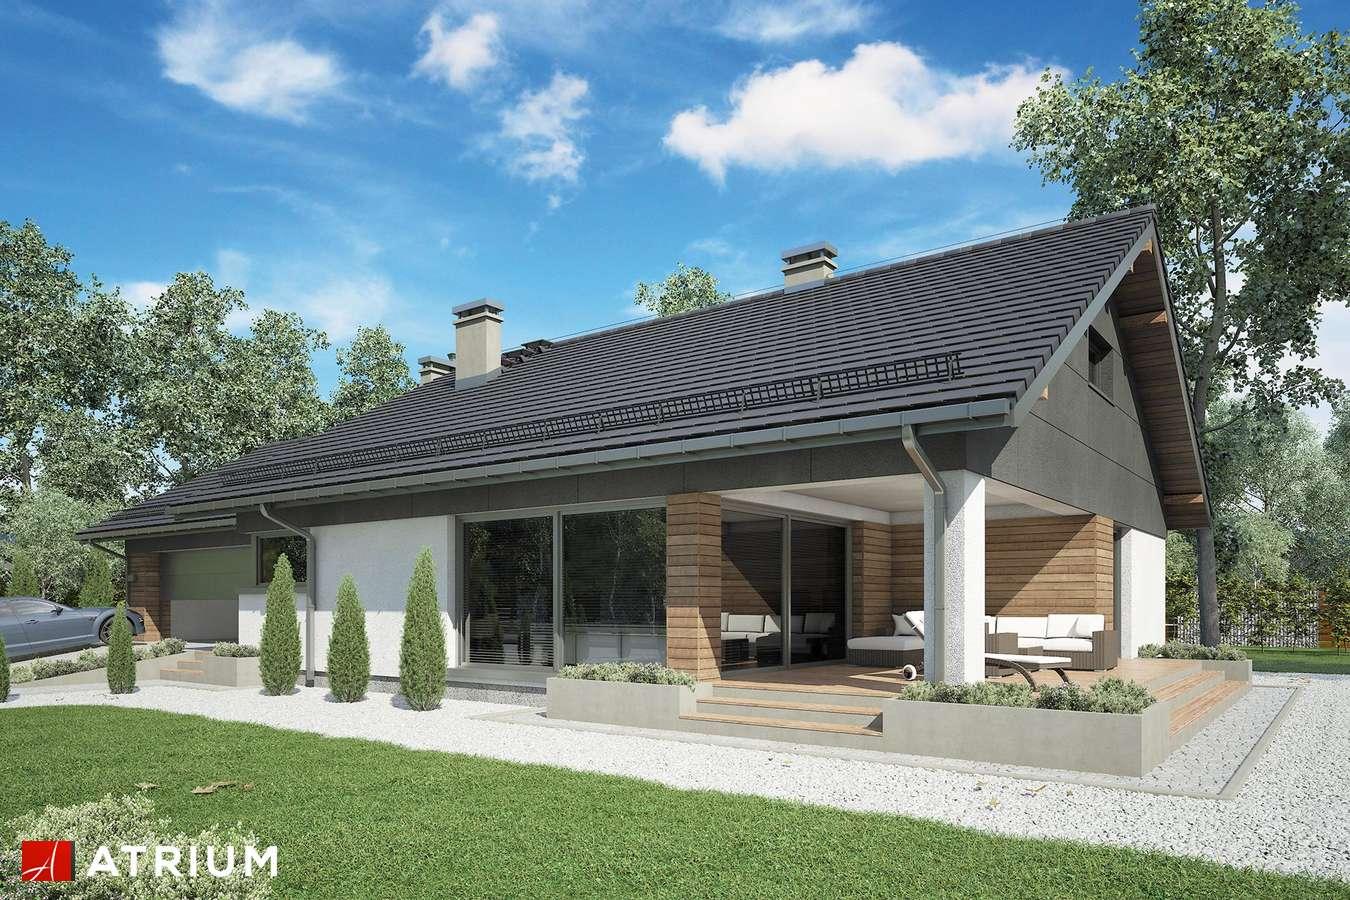 Projekty domów - Projekt domu z poddaszem KOS VIII - wizualizacja 1 - wersja lustrzana